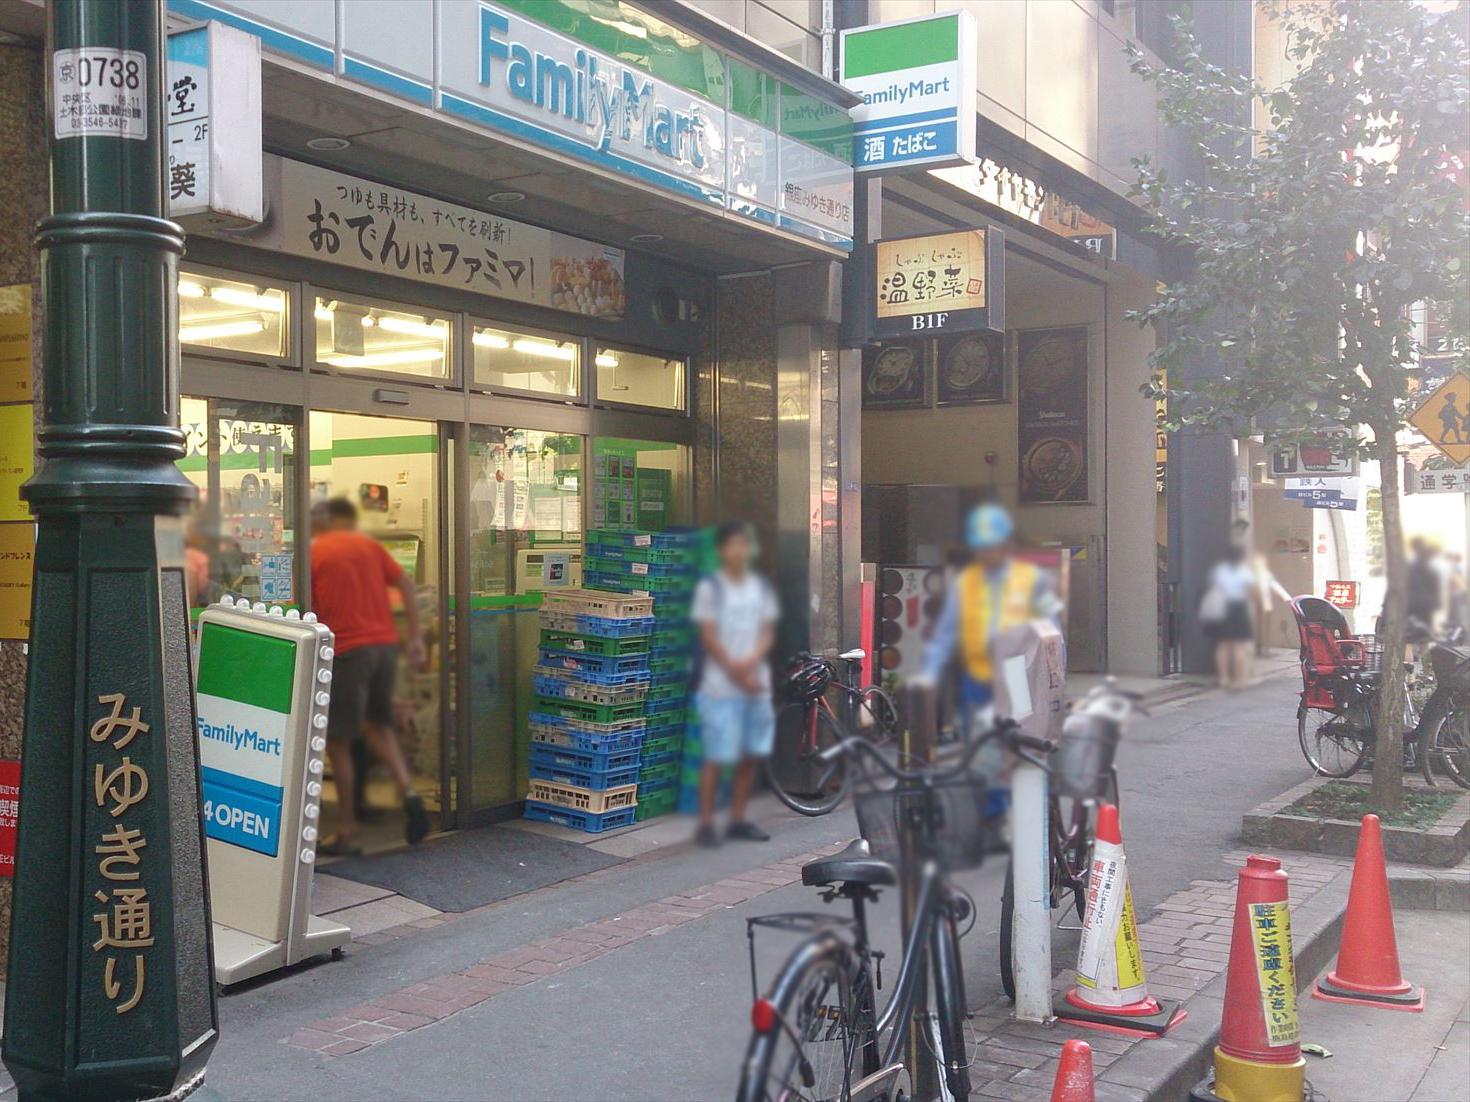 ファミリーマート 銀座みゆき通り店